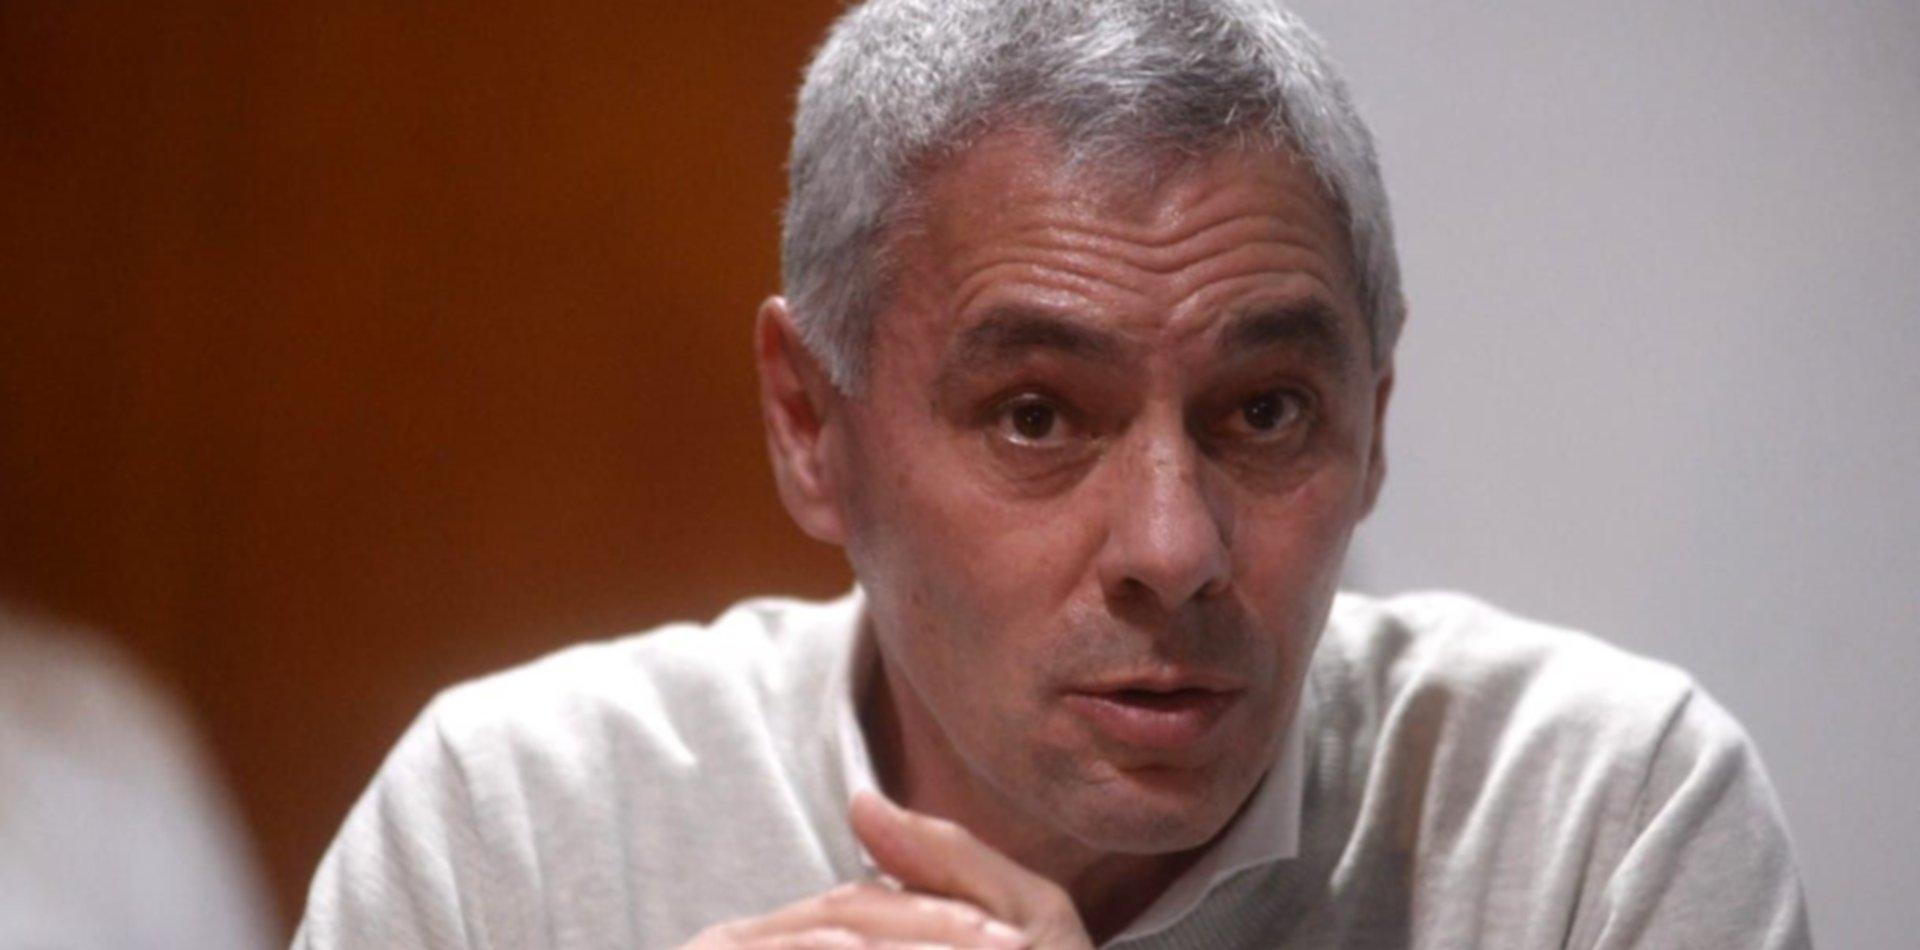 Escándalo y renuncias en Berisso: concejales y funcionarios contra Cagliardi